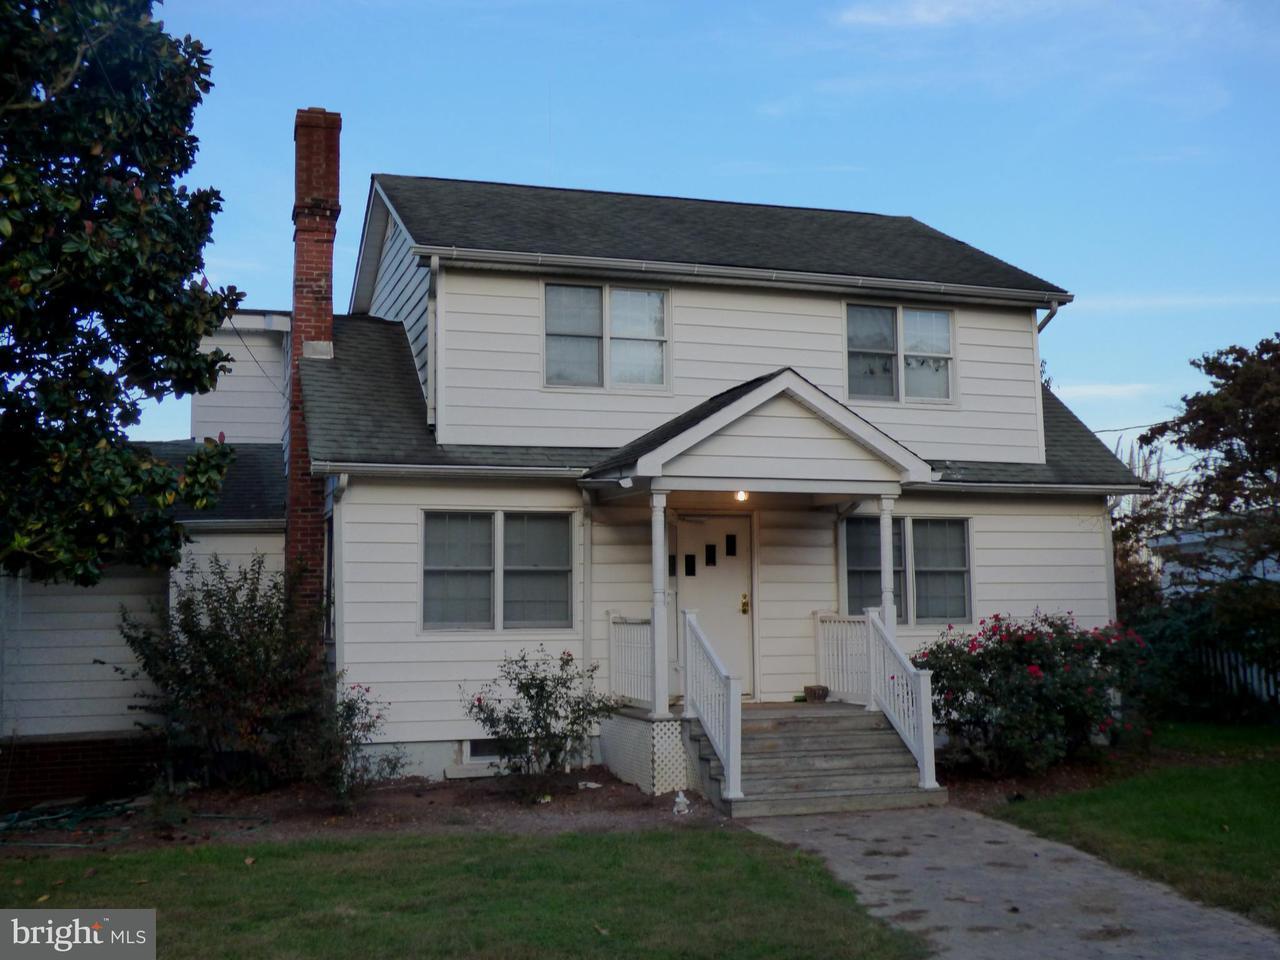 獨棟家庭住宅 為 出售 在 14324 Calvert Street 14324 Calvert Street Solomons, 馬里蘭州 20688 美國